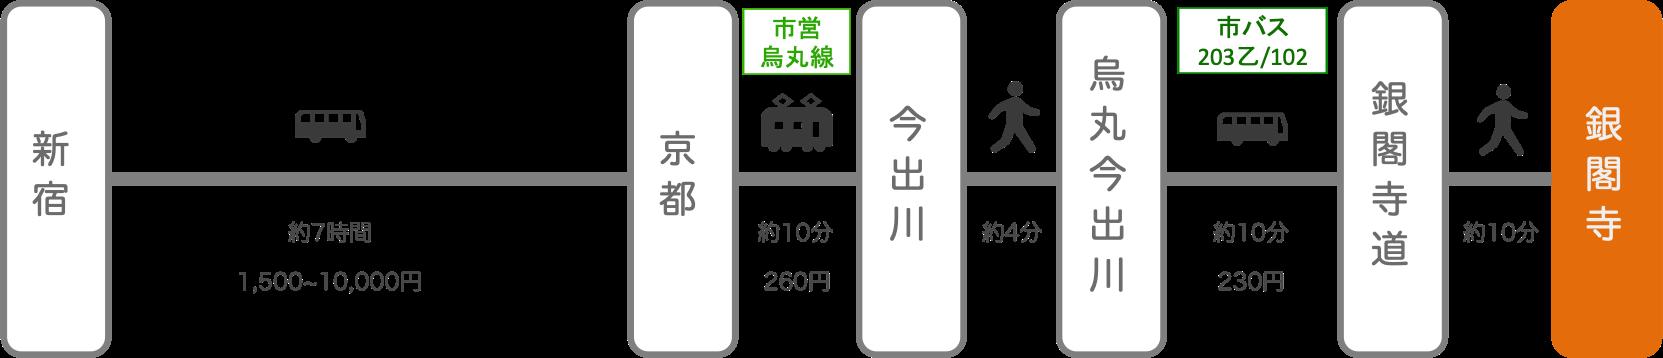 銀閣寺_新宿(東京)_高速バス